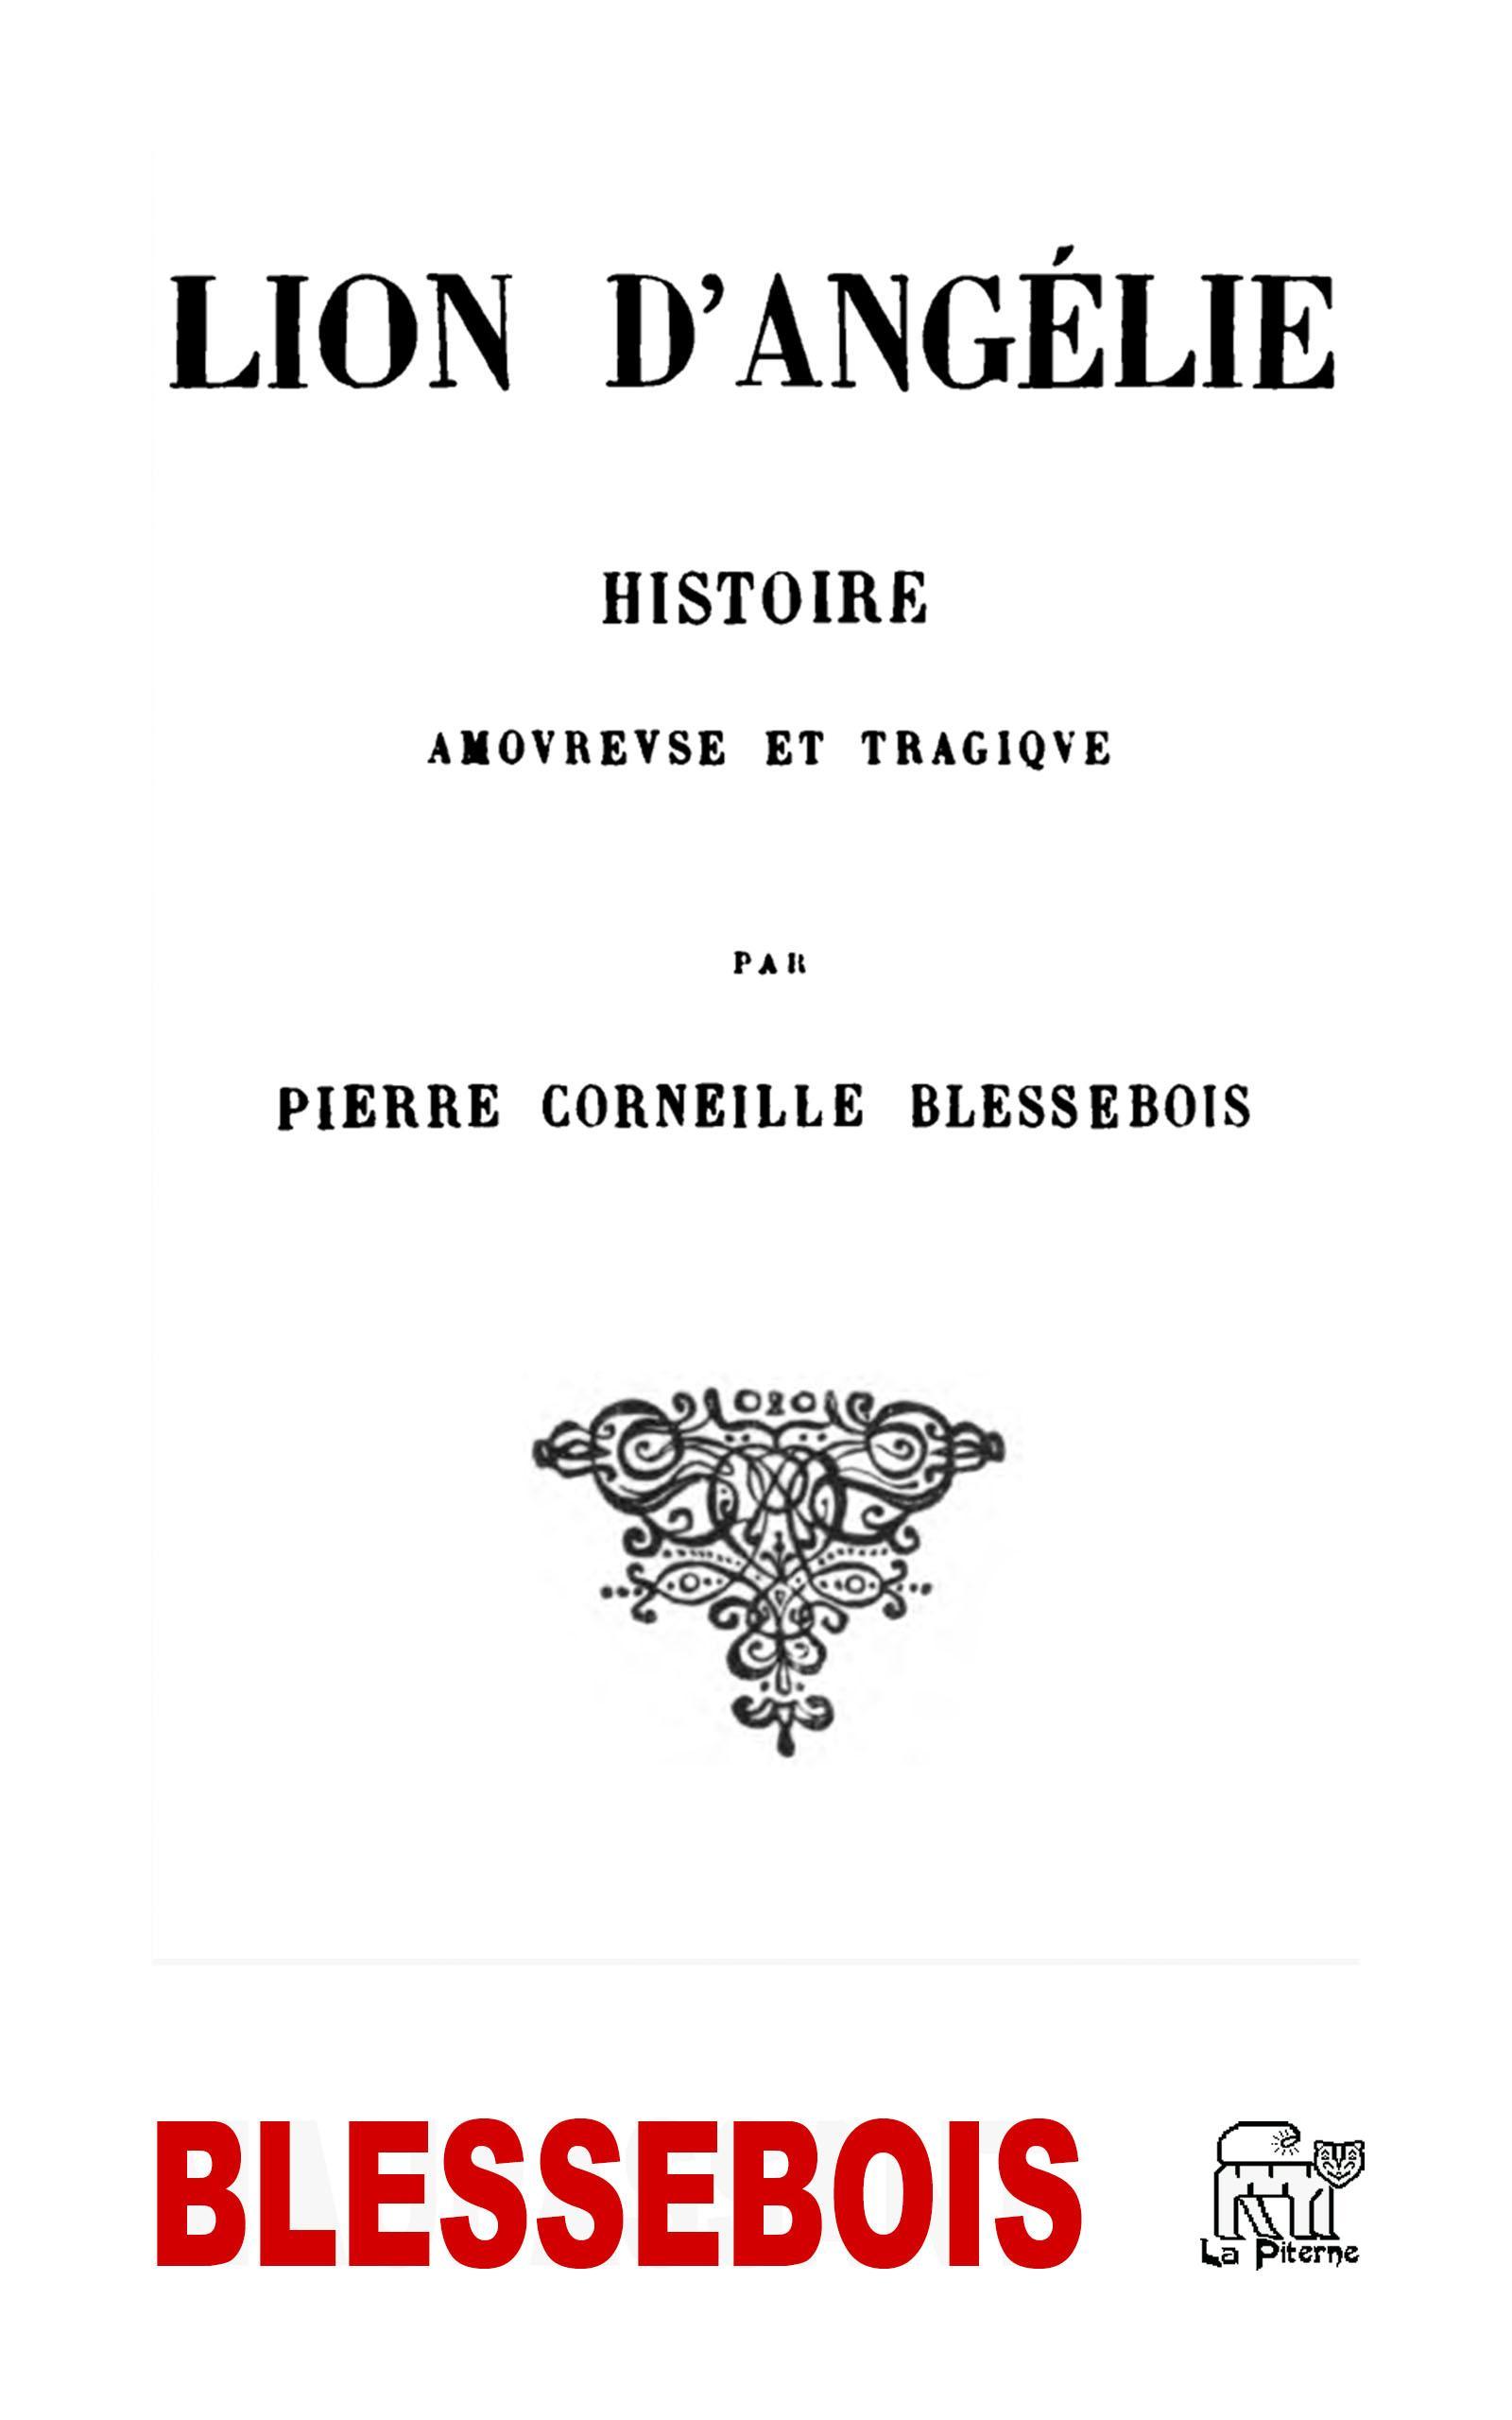 Le lion d'Angélie, HISTOIRE AMOUREUSE ET TRAGIQUE